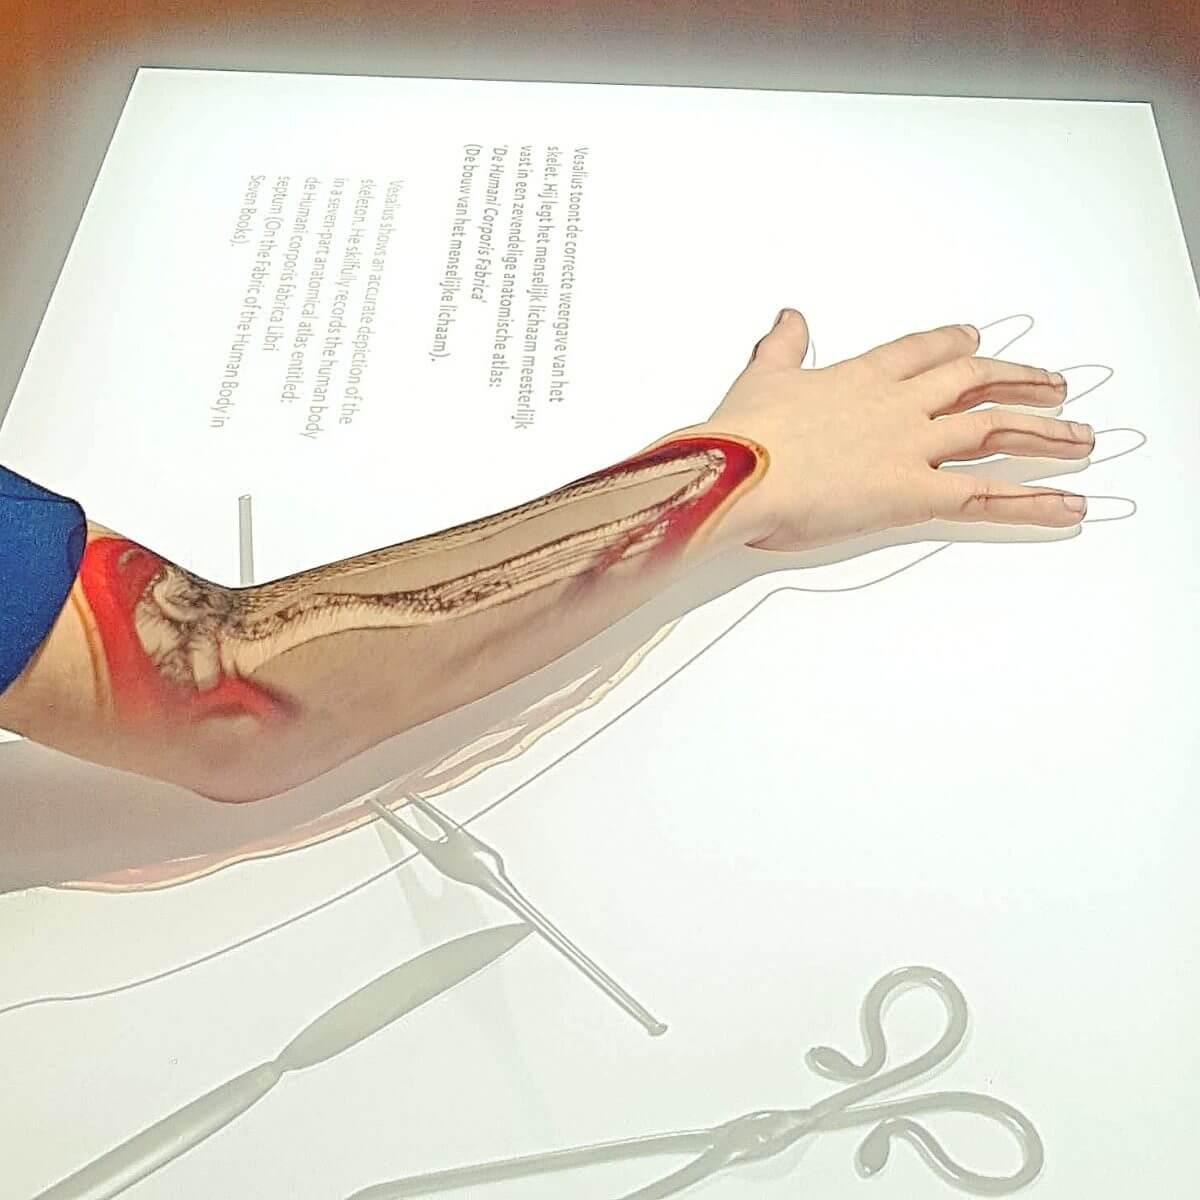 Uitje met kids: wetenschapsmuseum Rijksmuseum Boerhaave, met veel experimenten en spelletjes